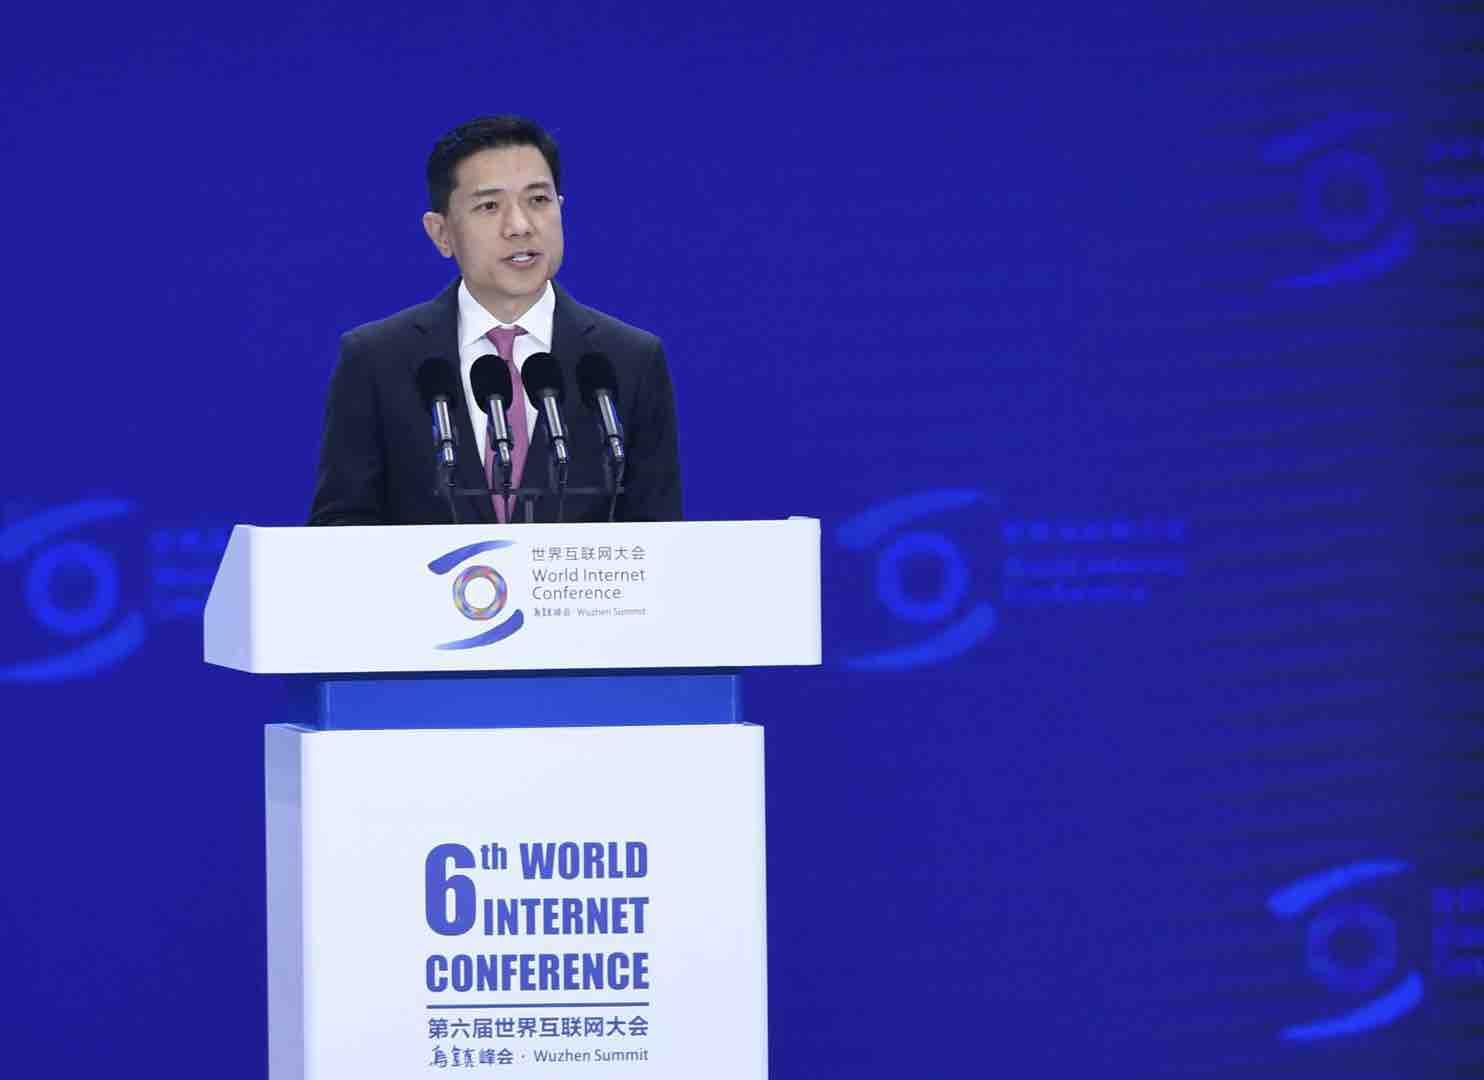 李彦宏:智能经济是拉动全球经济重新向上的核心引擎丨钛快讯